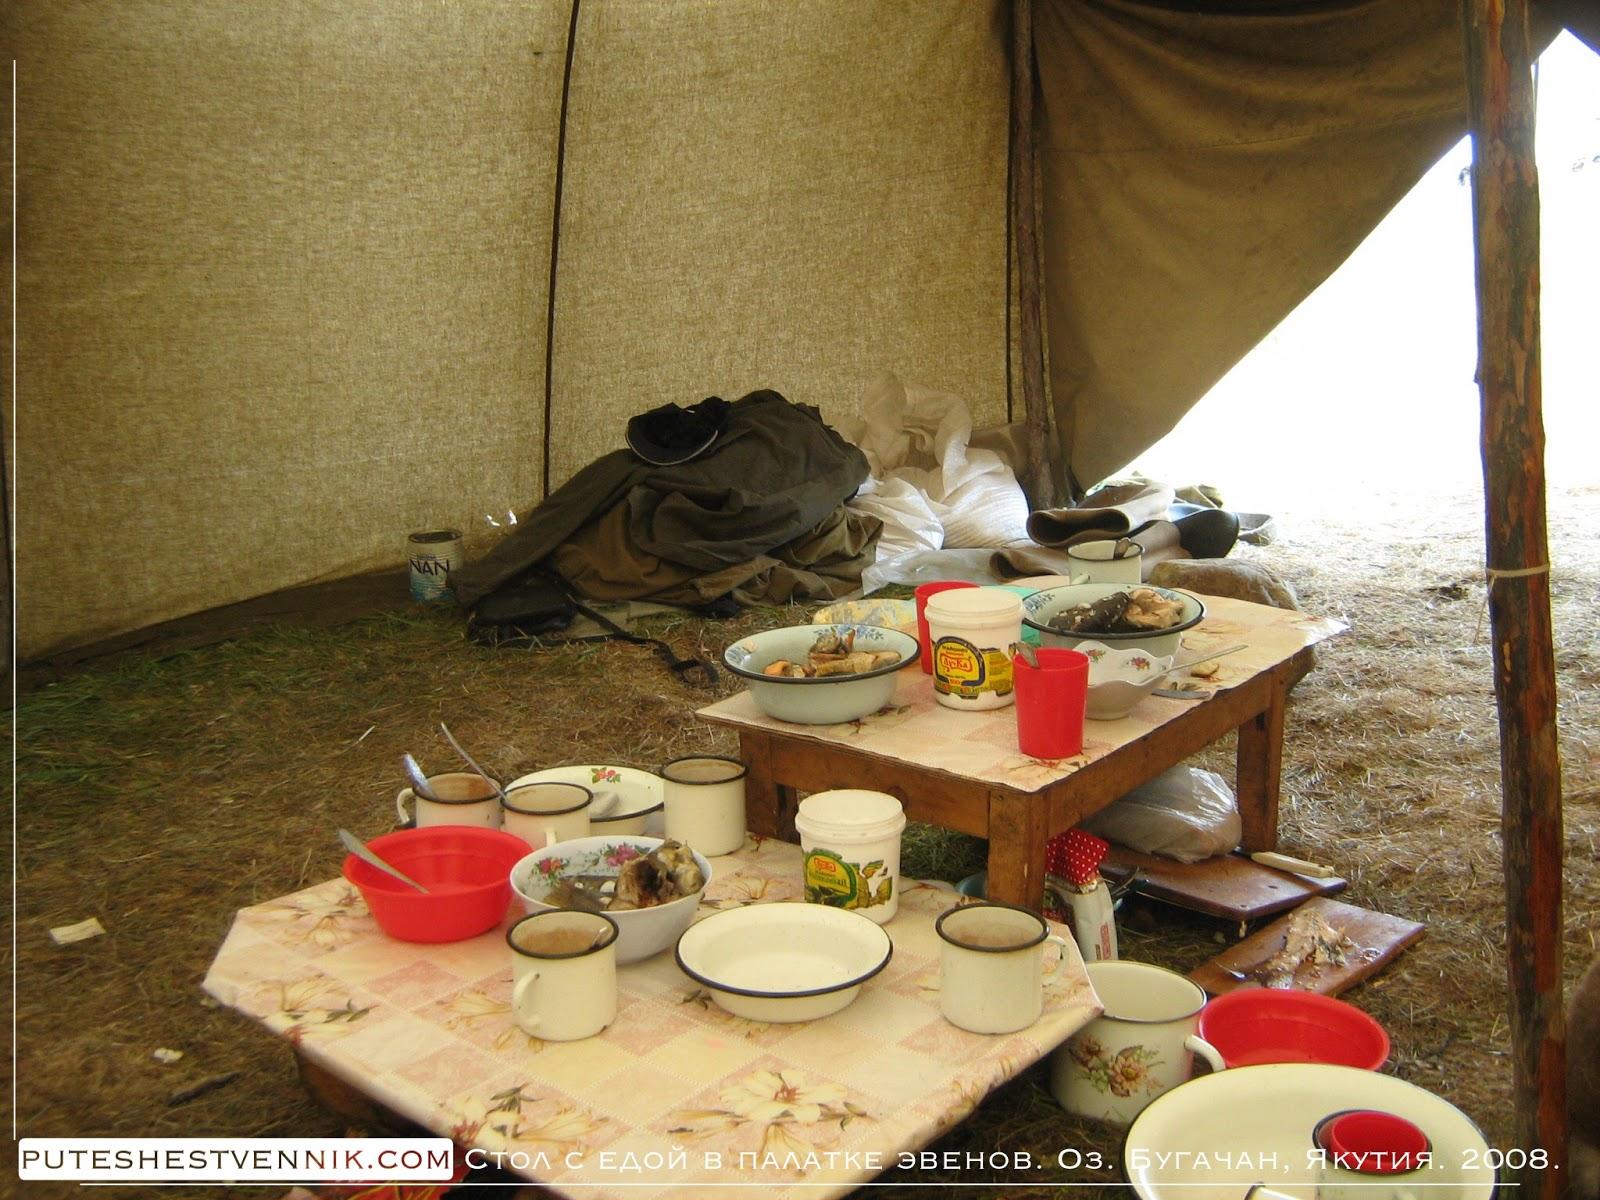 Стол с едой в палатке эвенов